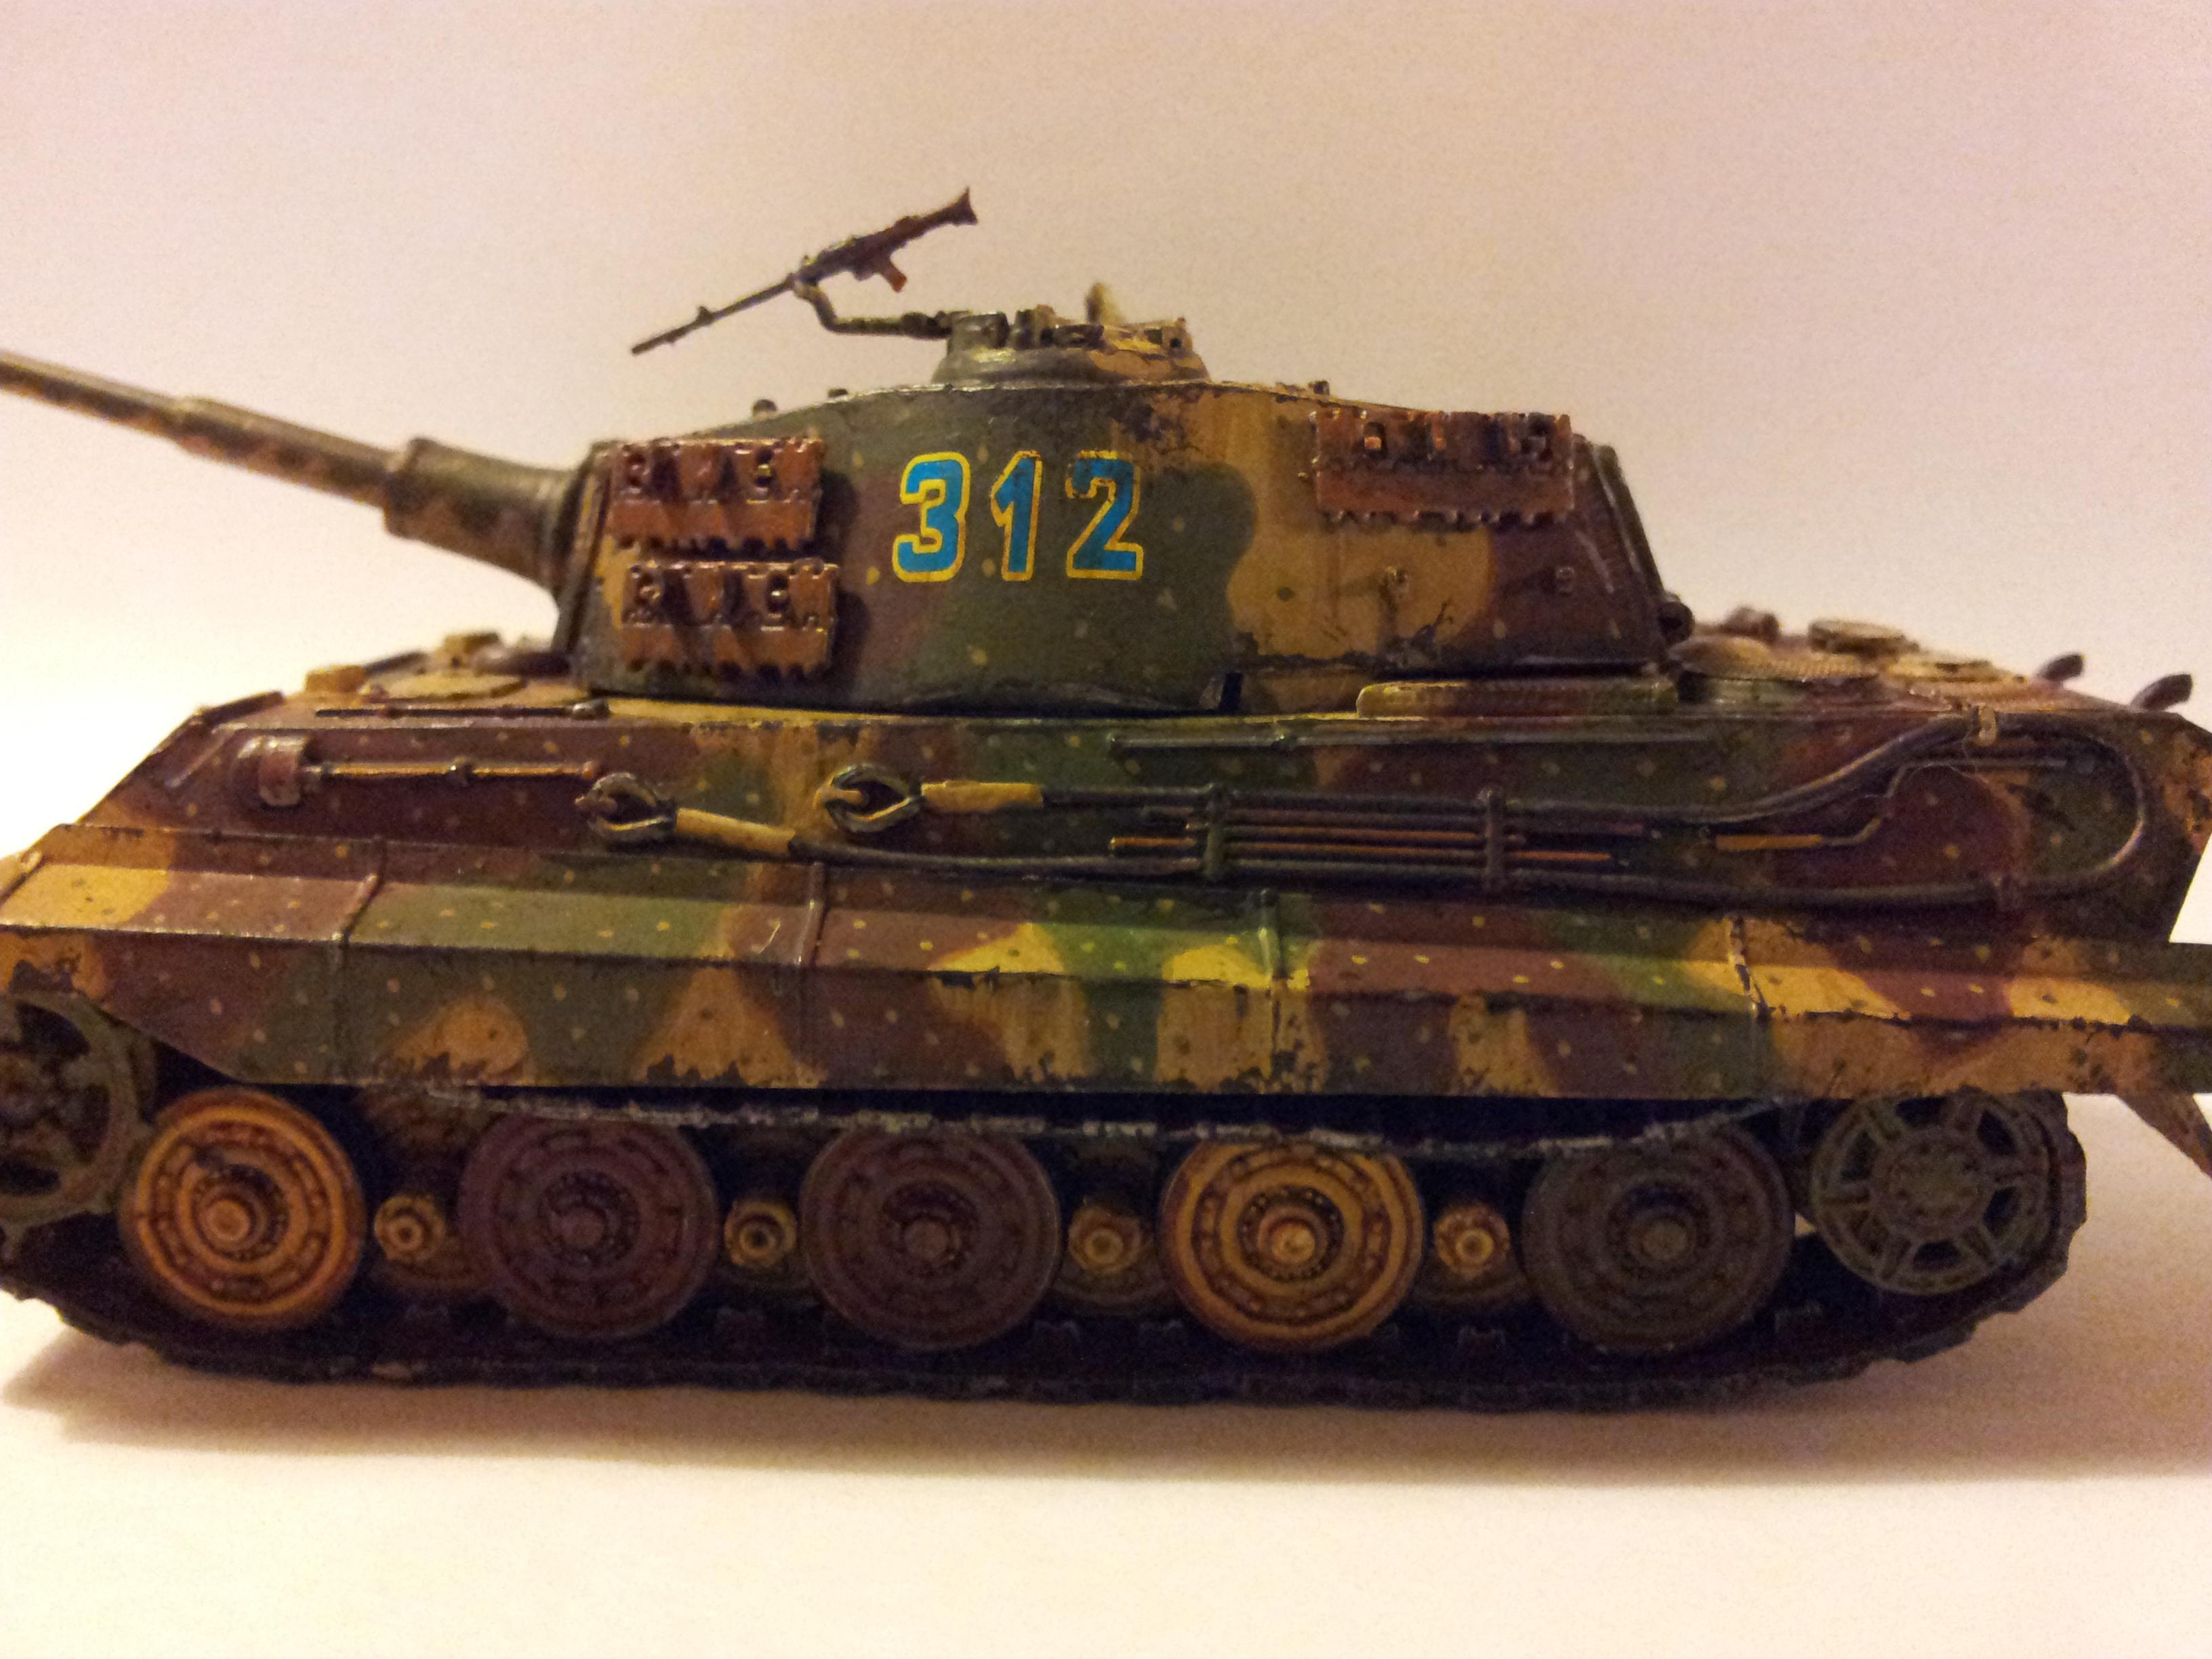 Germans, King Tiger, Panzer, Tank, Tiger, Weathered, World War 2